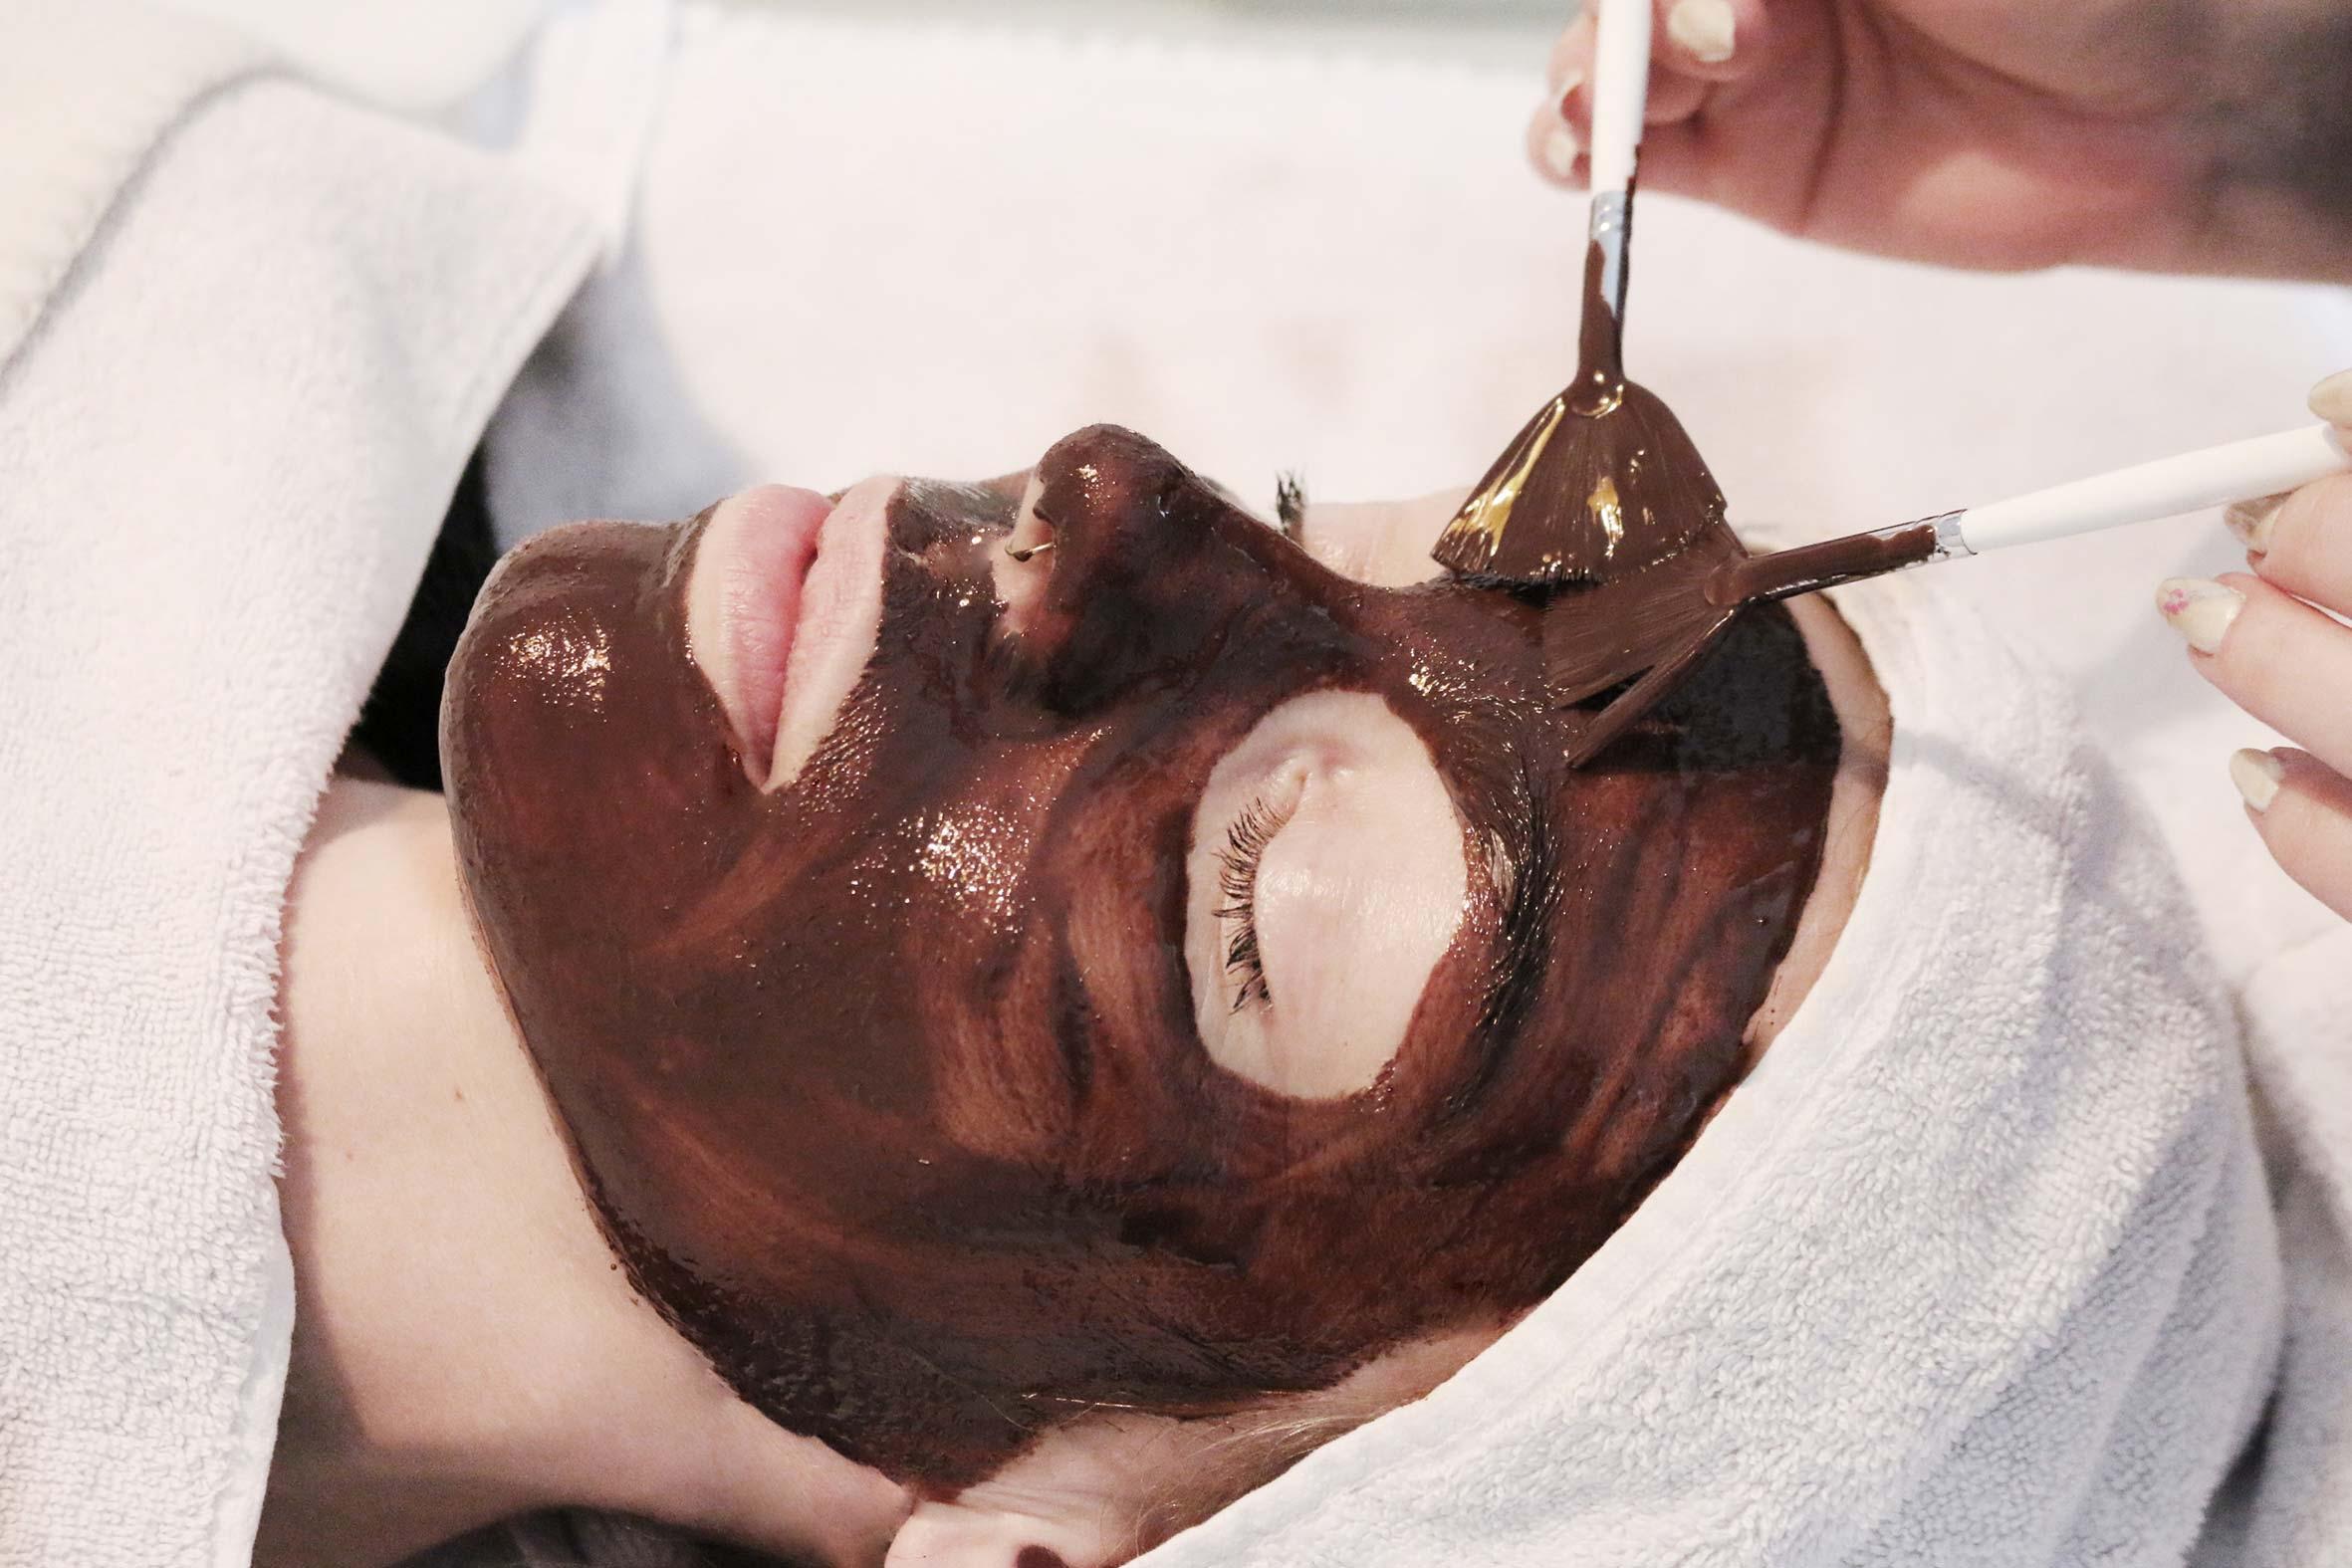 bei den püppikram gesichtsbehandlungen kannst du dich bei einer schoko maske so richtig entspannen